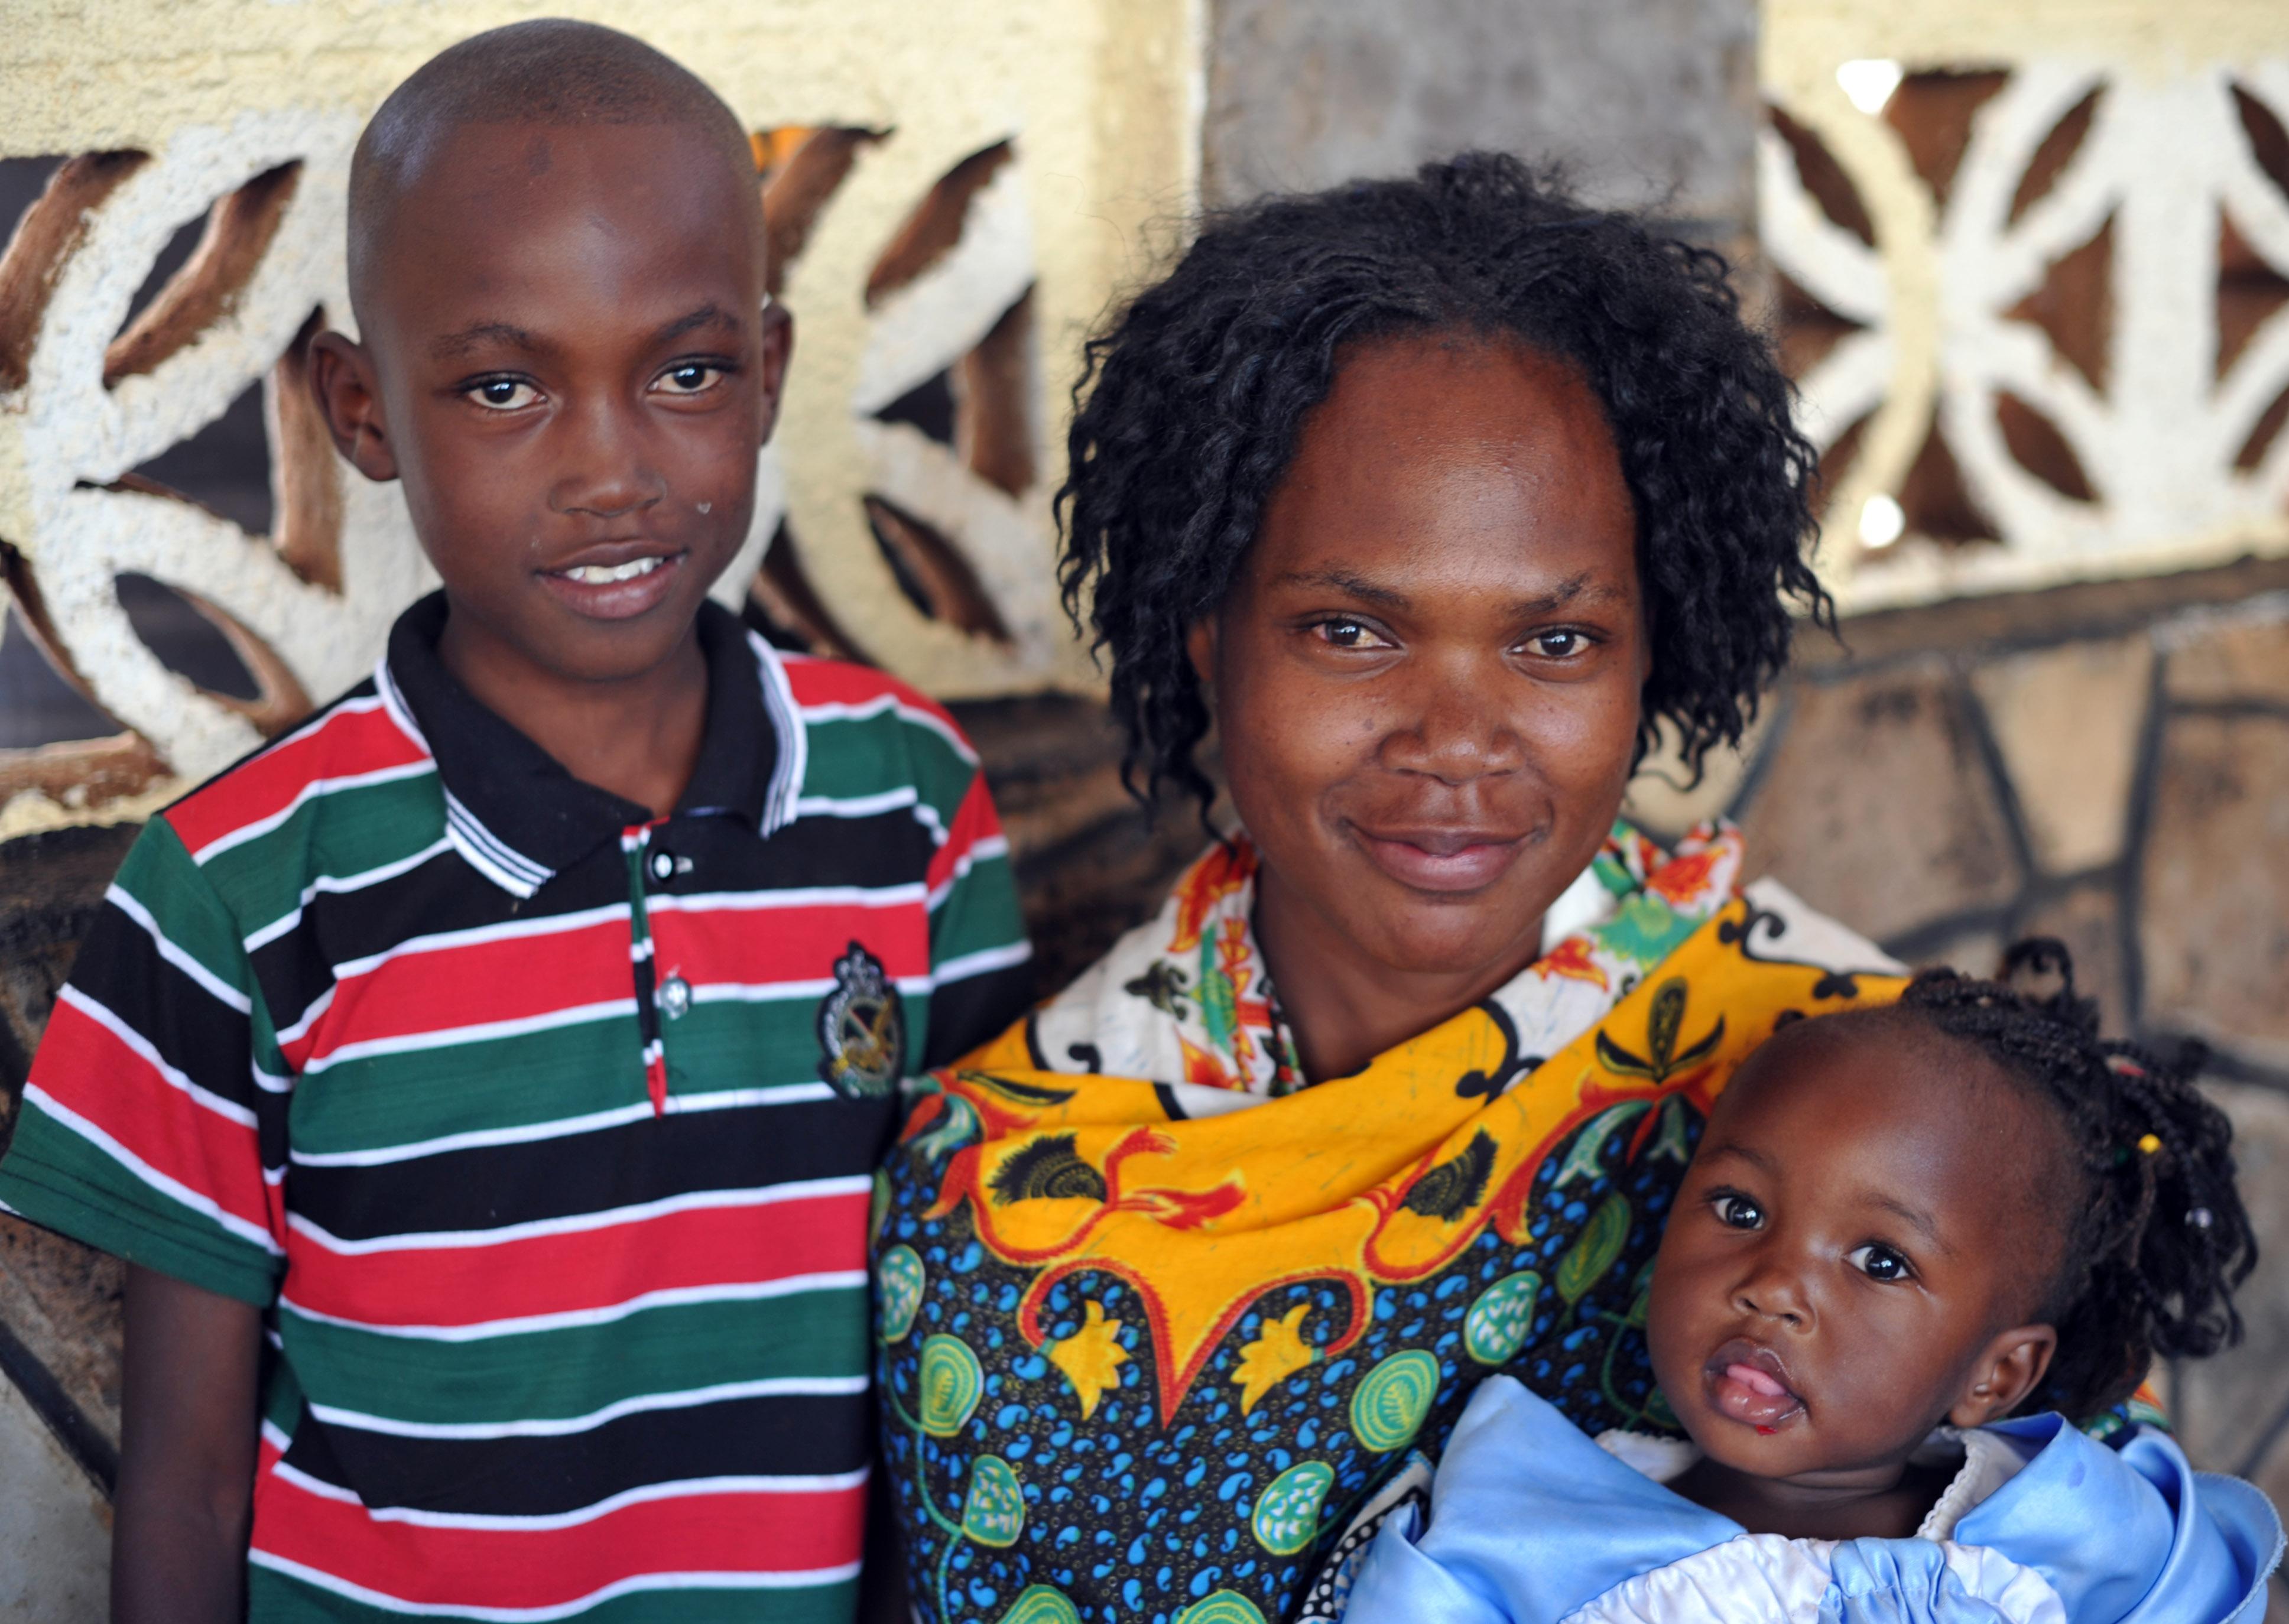 One of the Tuko Pamoja women and her children